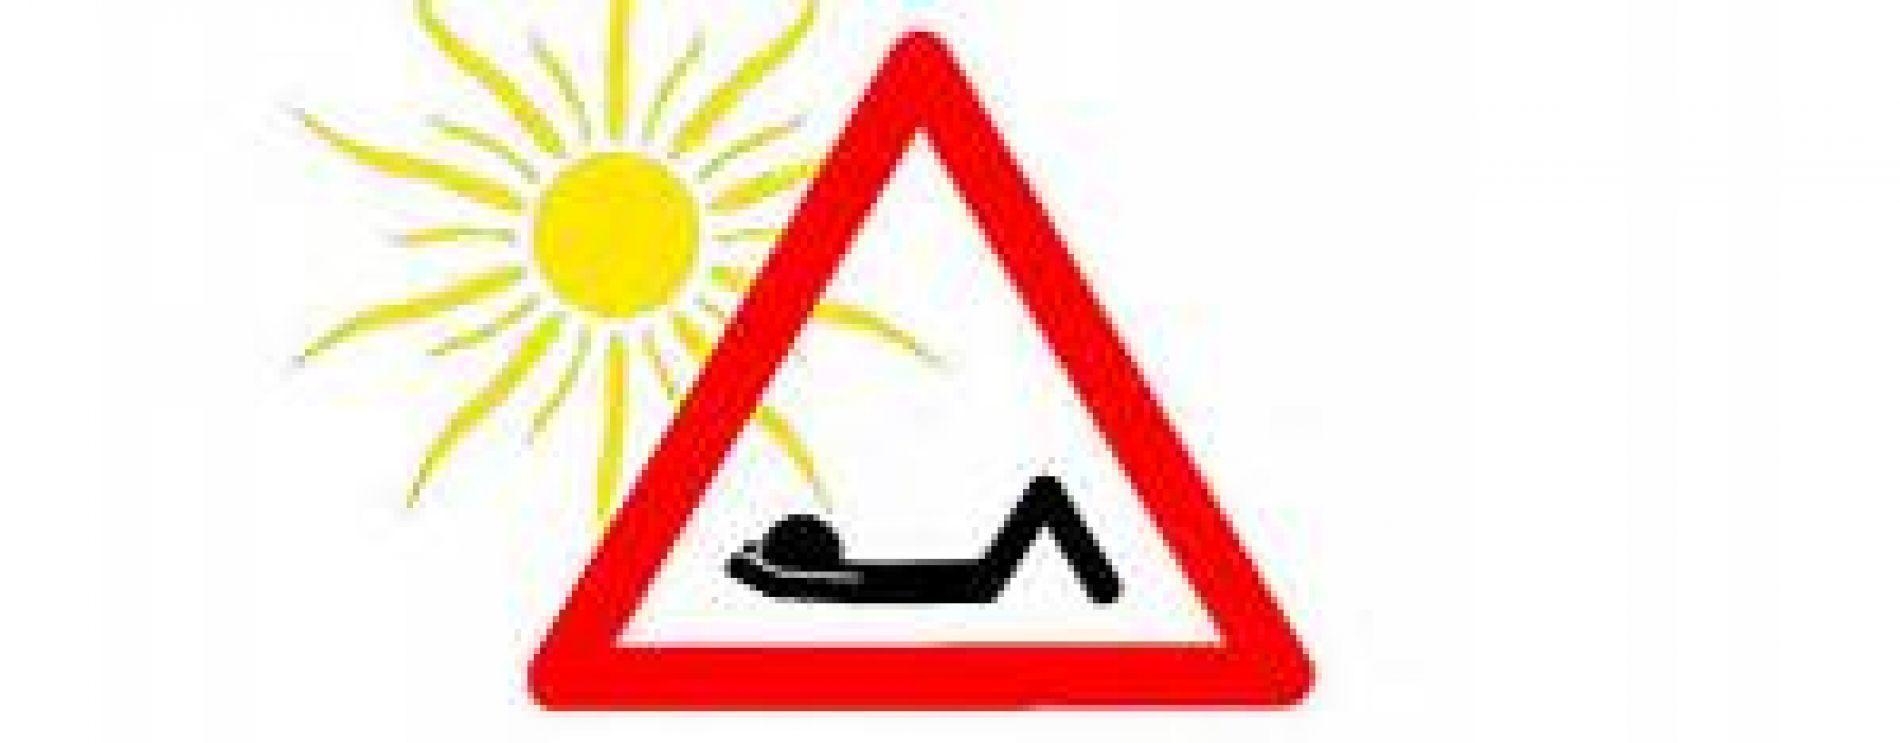 Soleil et prévention des risques de cancer de la peau